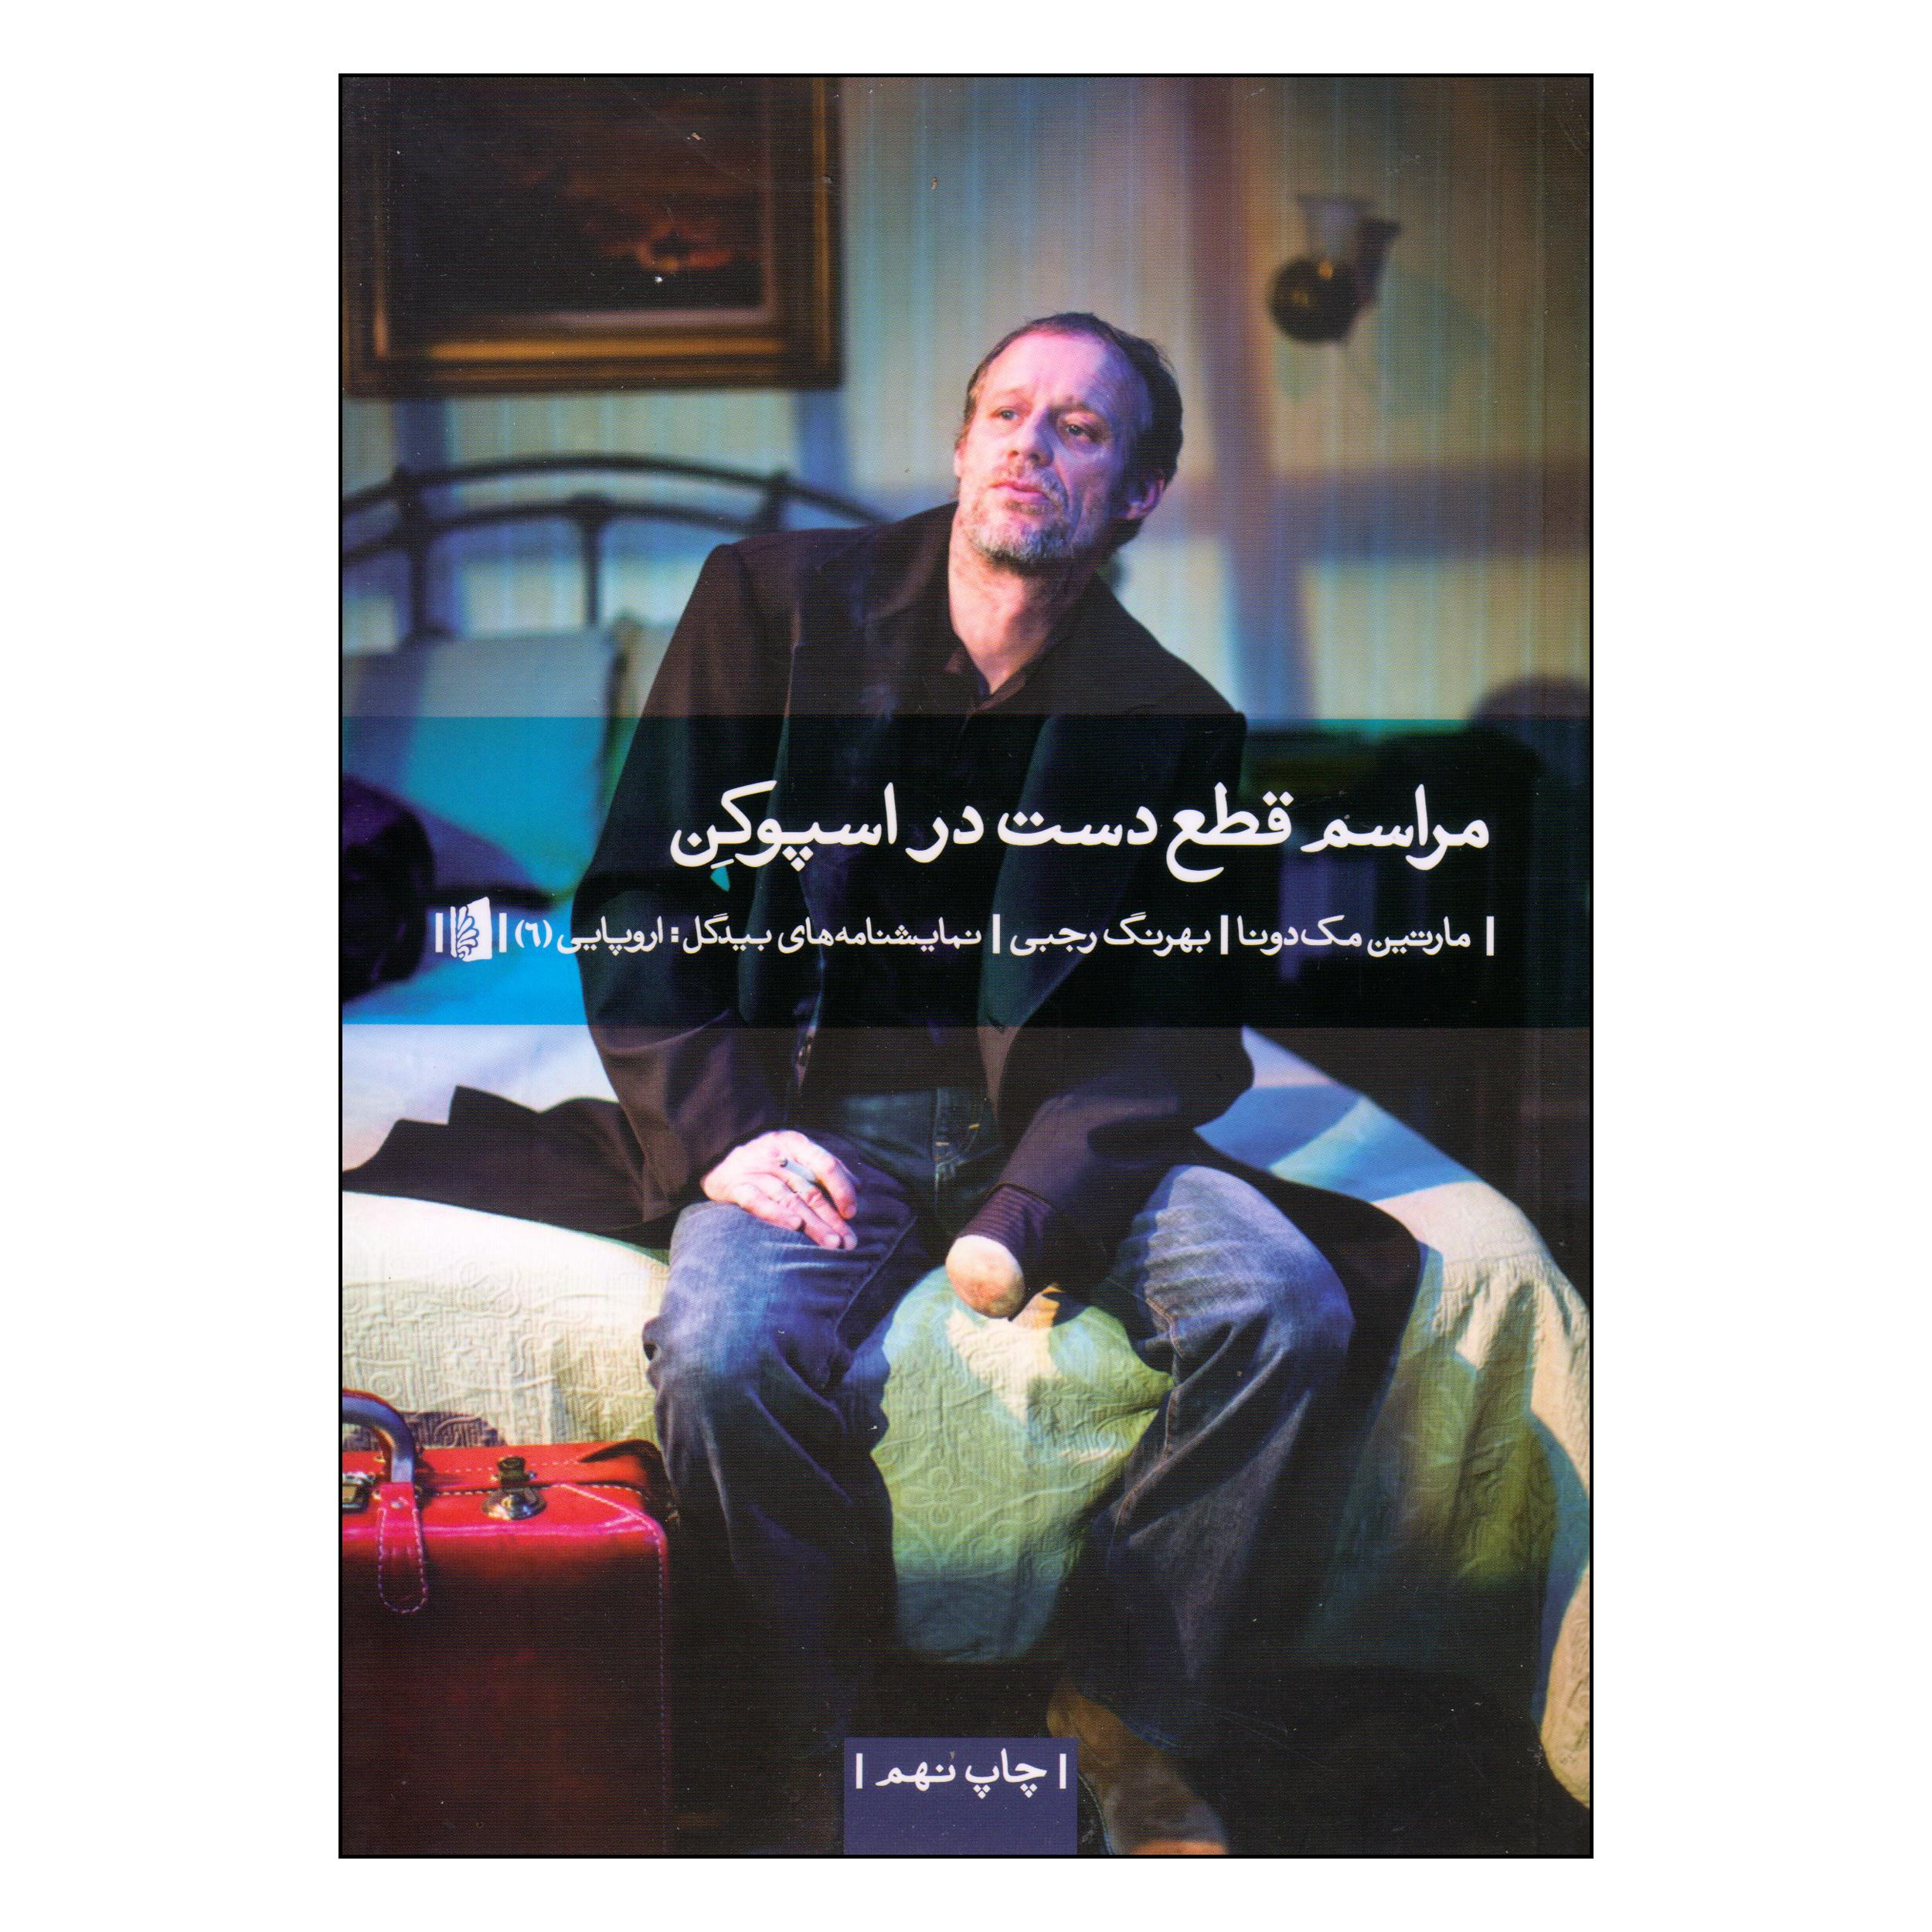 خرید                      کتاب مراسم قطع دست در اسپوکن اثر مارتین مک دونا نشر بیدگل